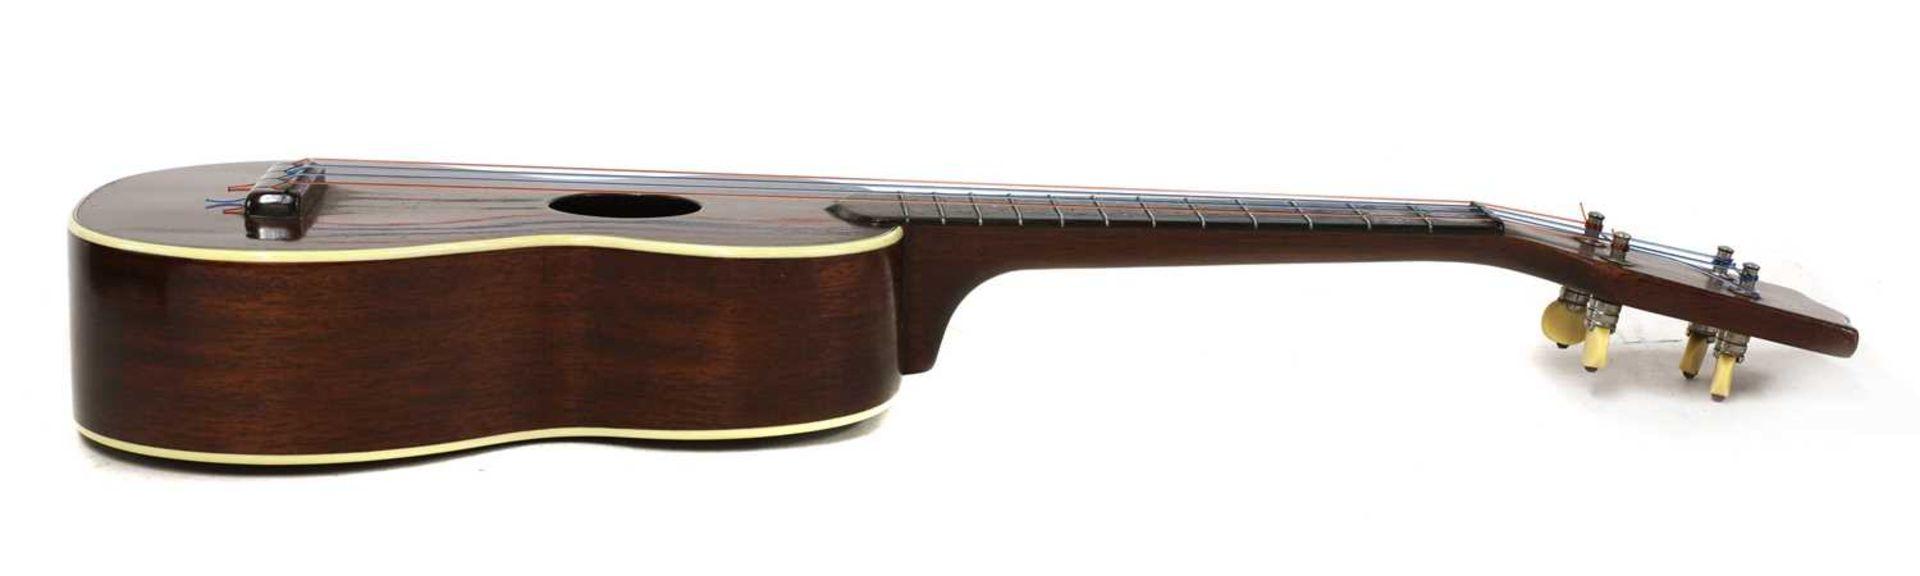 A Martin & Co. Style 2 ukulele, - Image 4 of 7